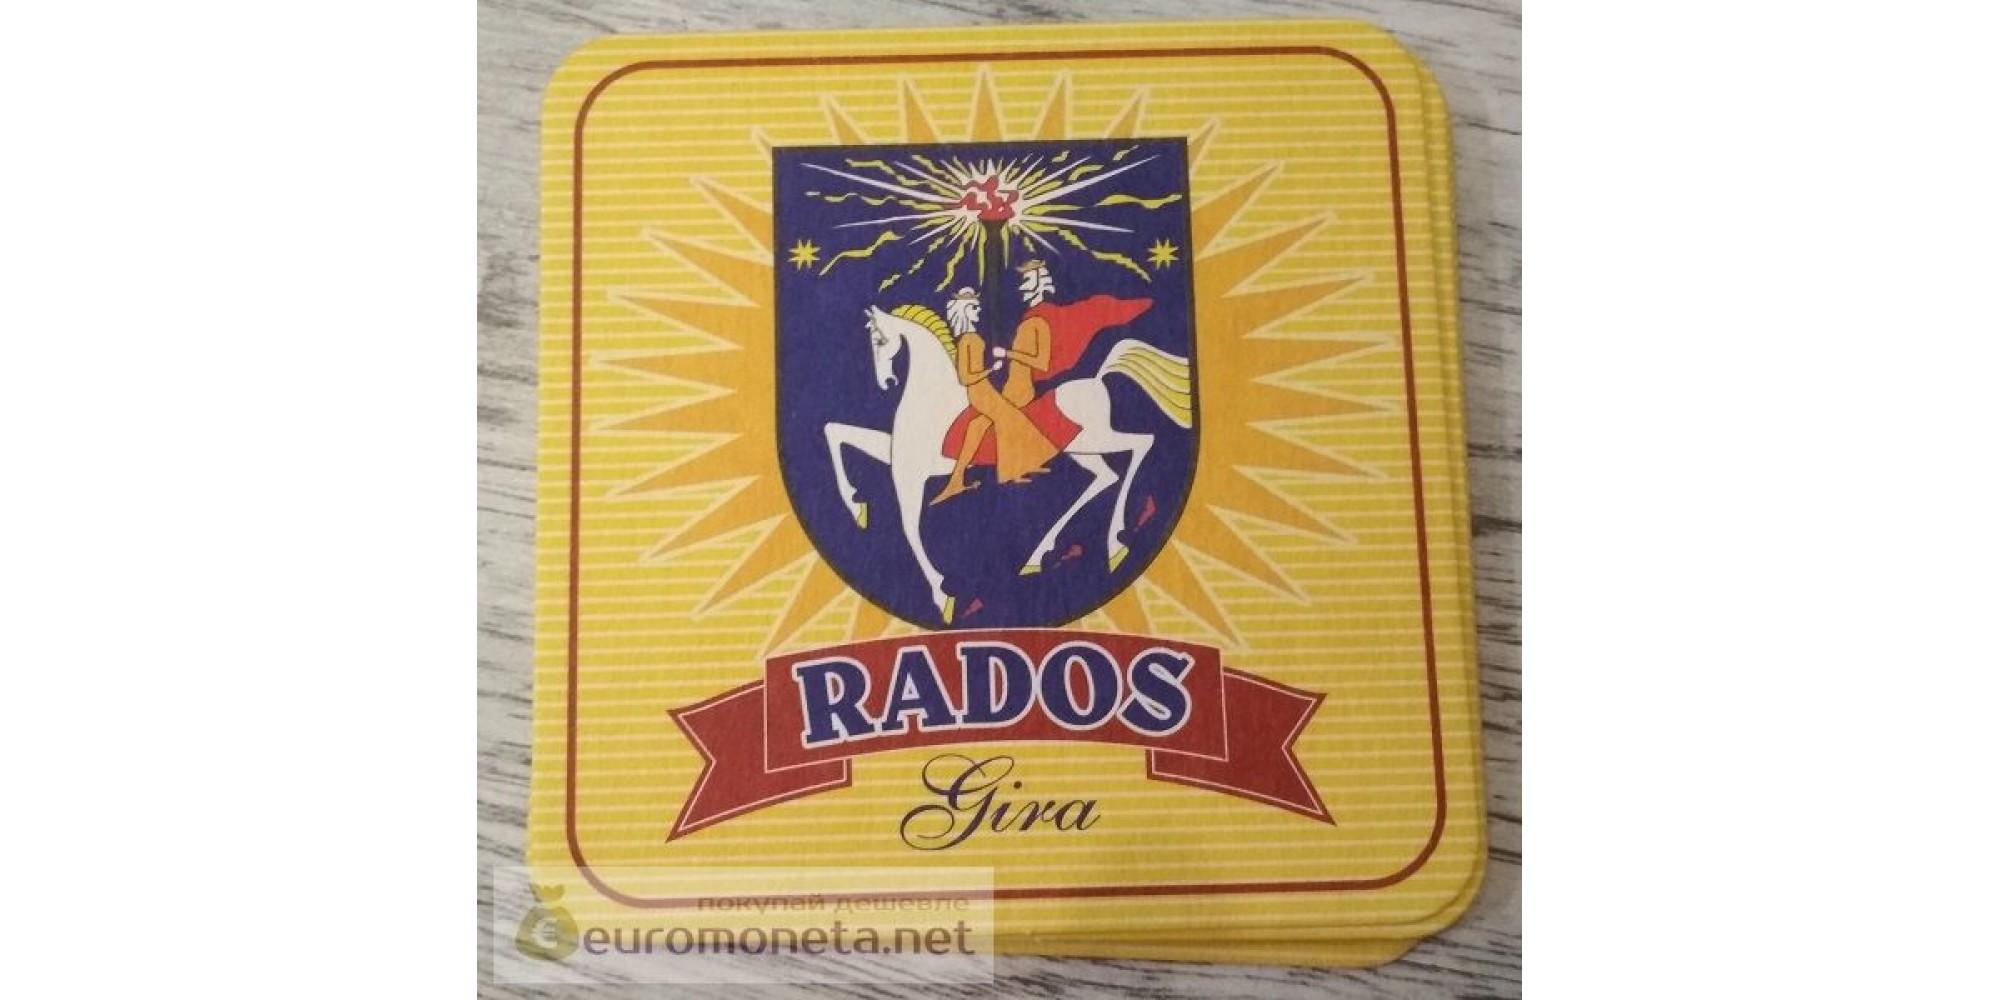 Бирдекель подставка под бокал (пивной) бутылку квас Rados